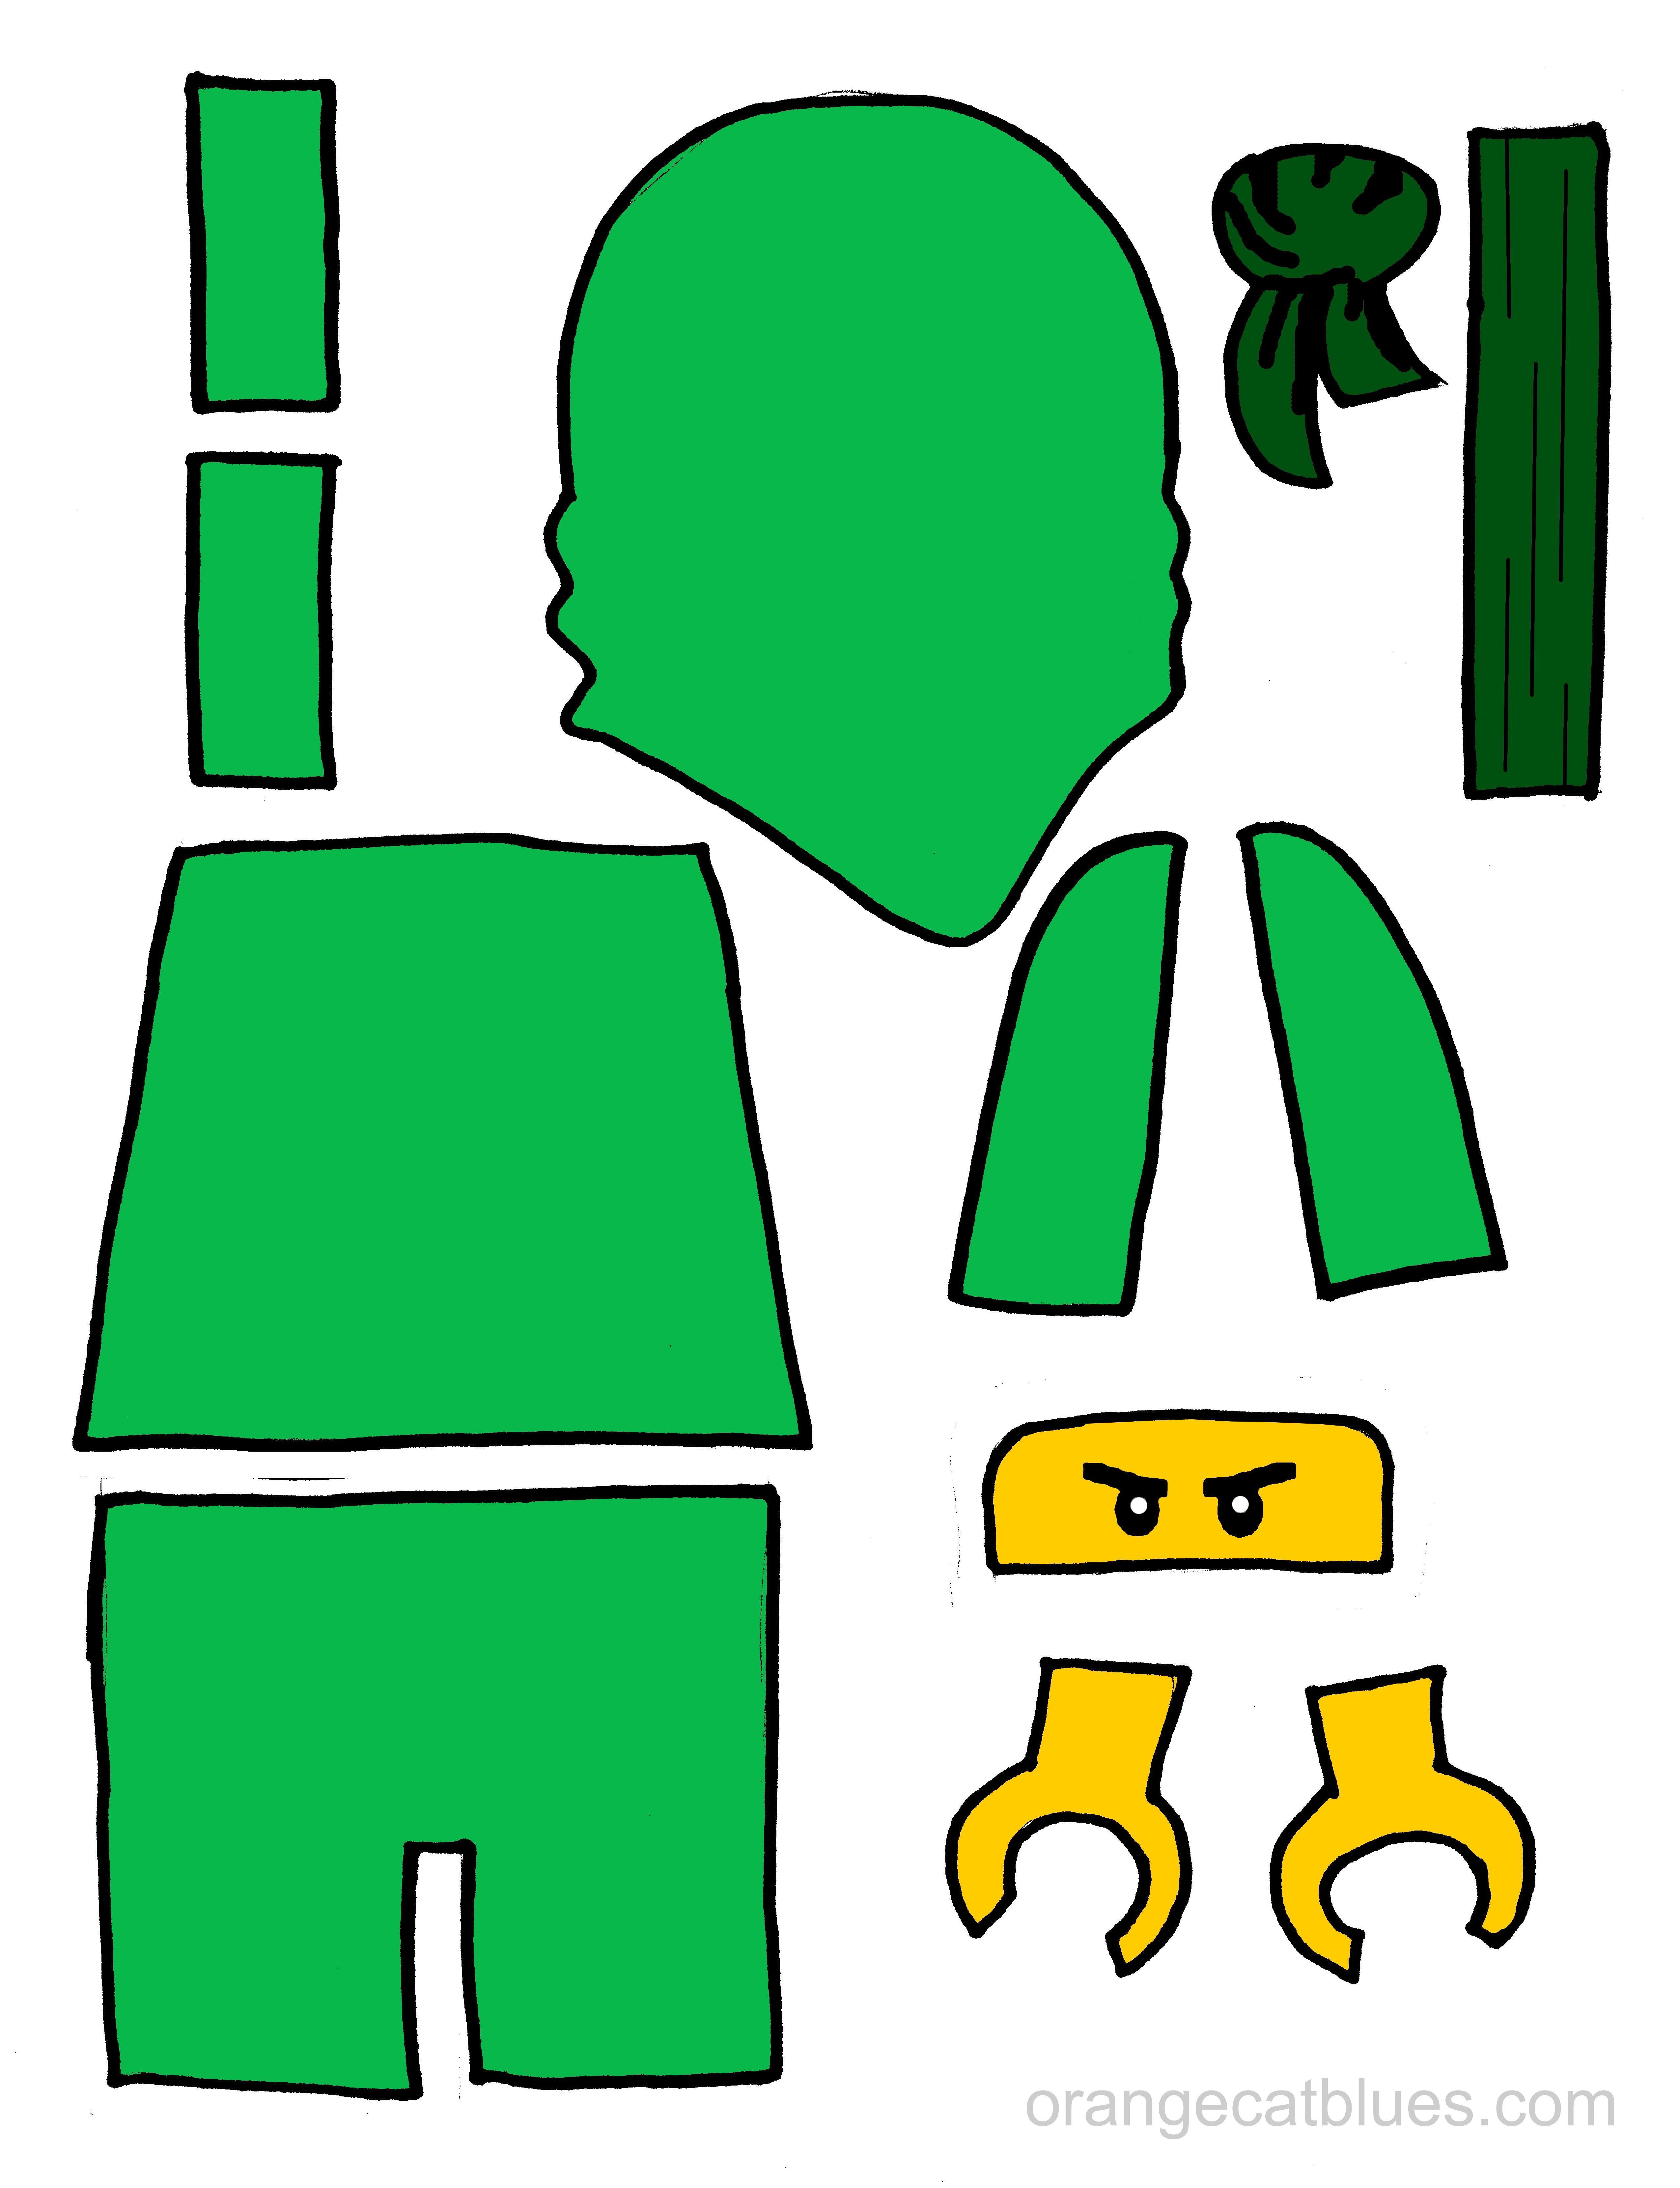 Lego Ninjago printable cutout for toddler gluestick art: The Green ...